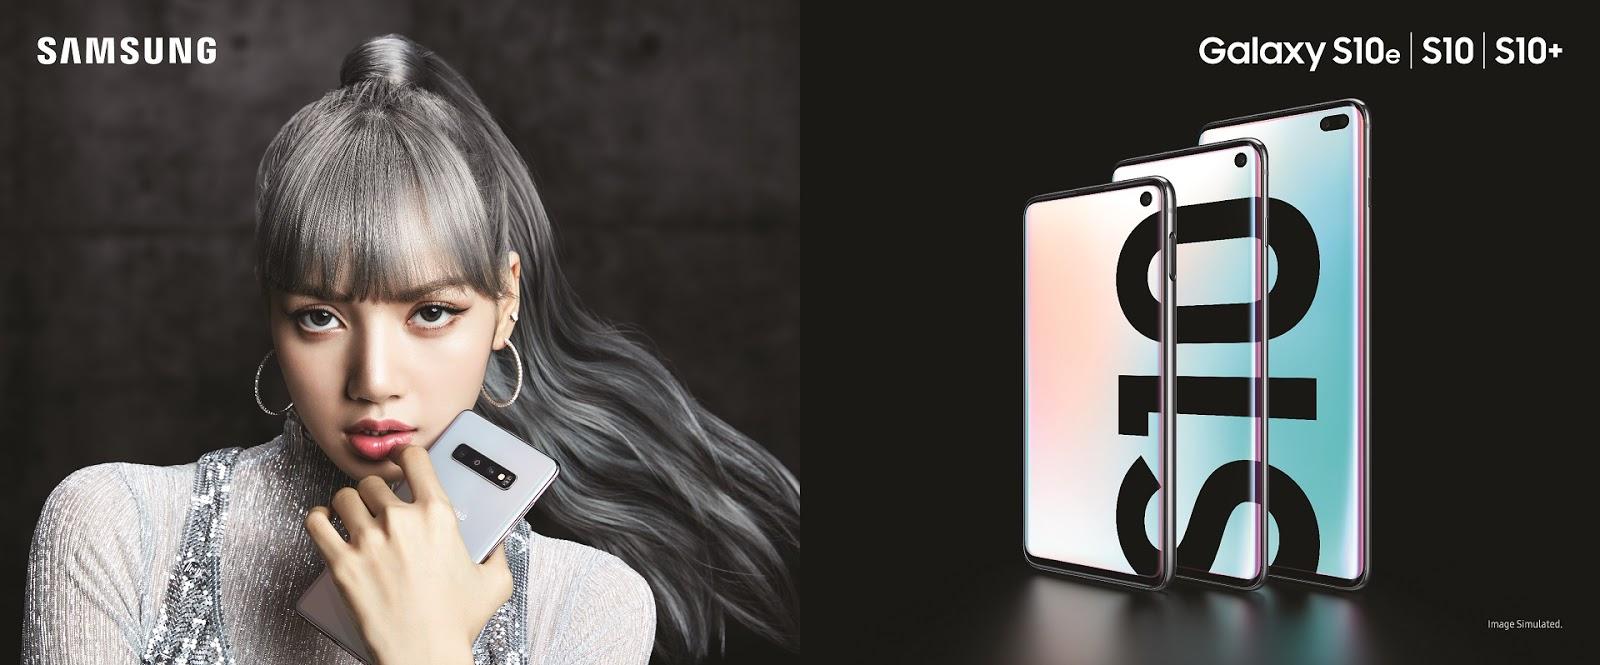 """Samsung ดึง """"ลิซ่า"""" ขึ้นแท่นพรีเซ็นเตอร์ กาแลคซี่ เอส 10 เติมเต็มความฝันเจเนอเรชั่นใหม่ในการเป็นผู้สร้างสรรค์คอนเทนต์"""